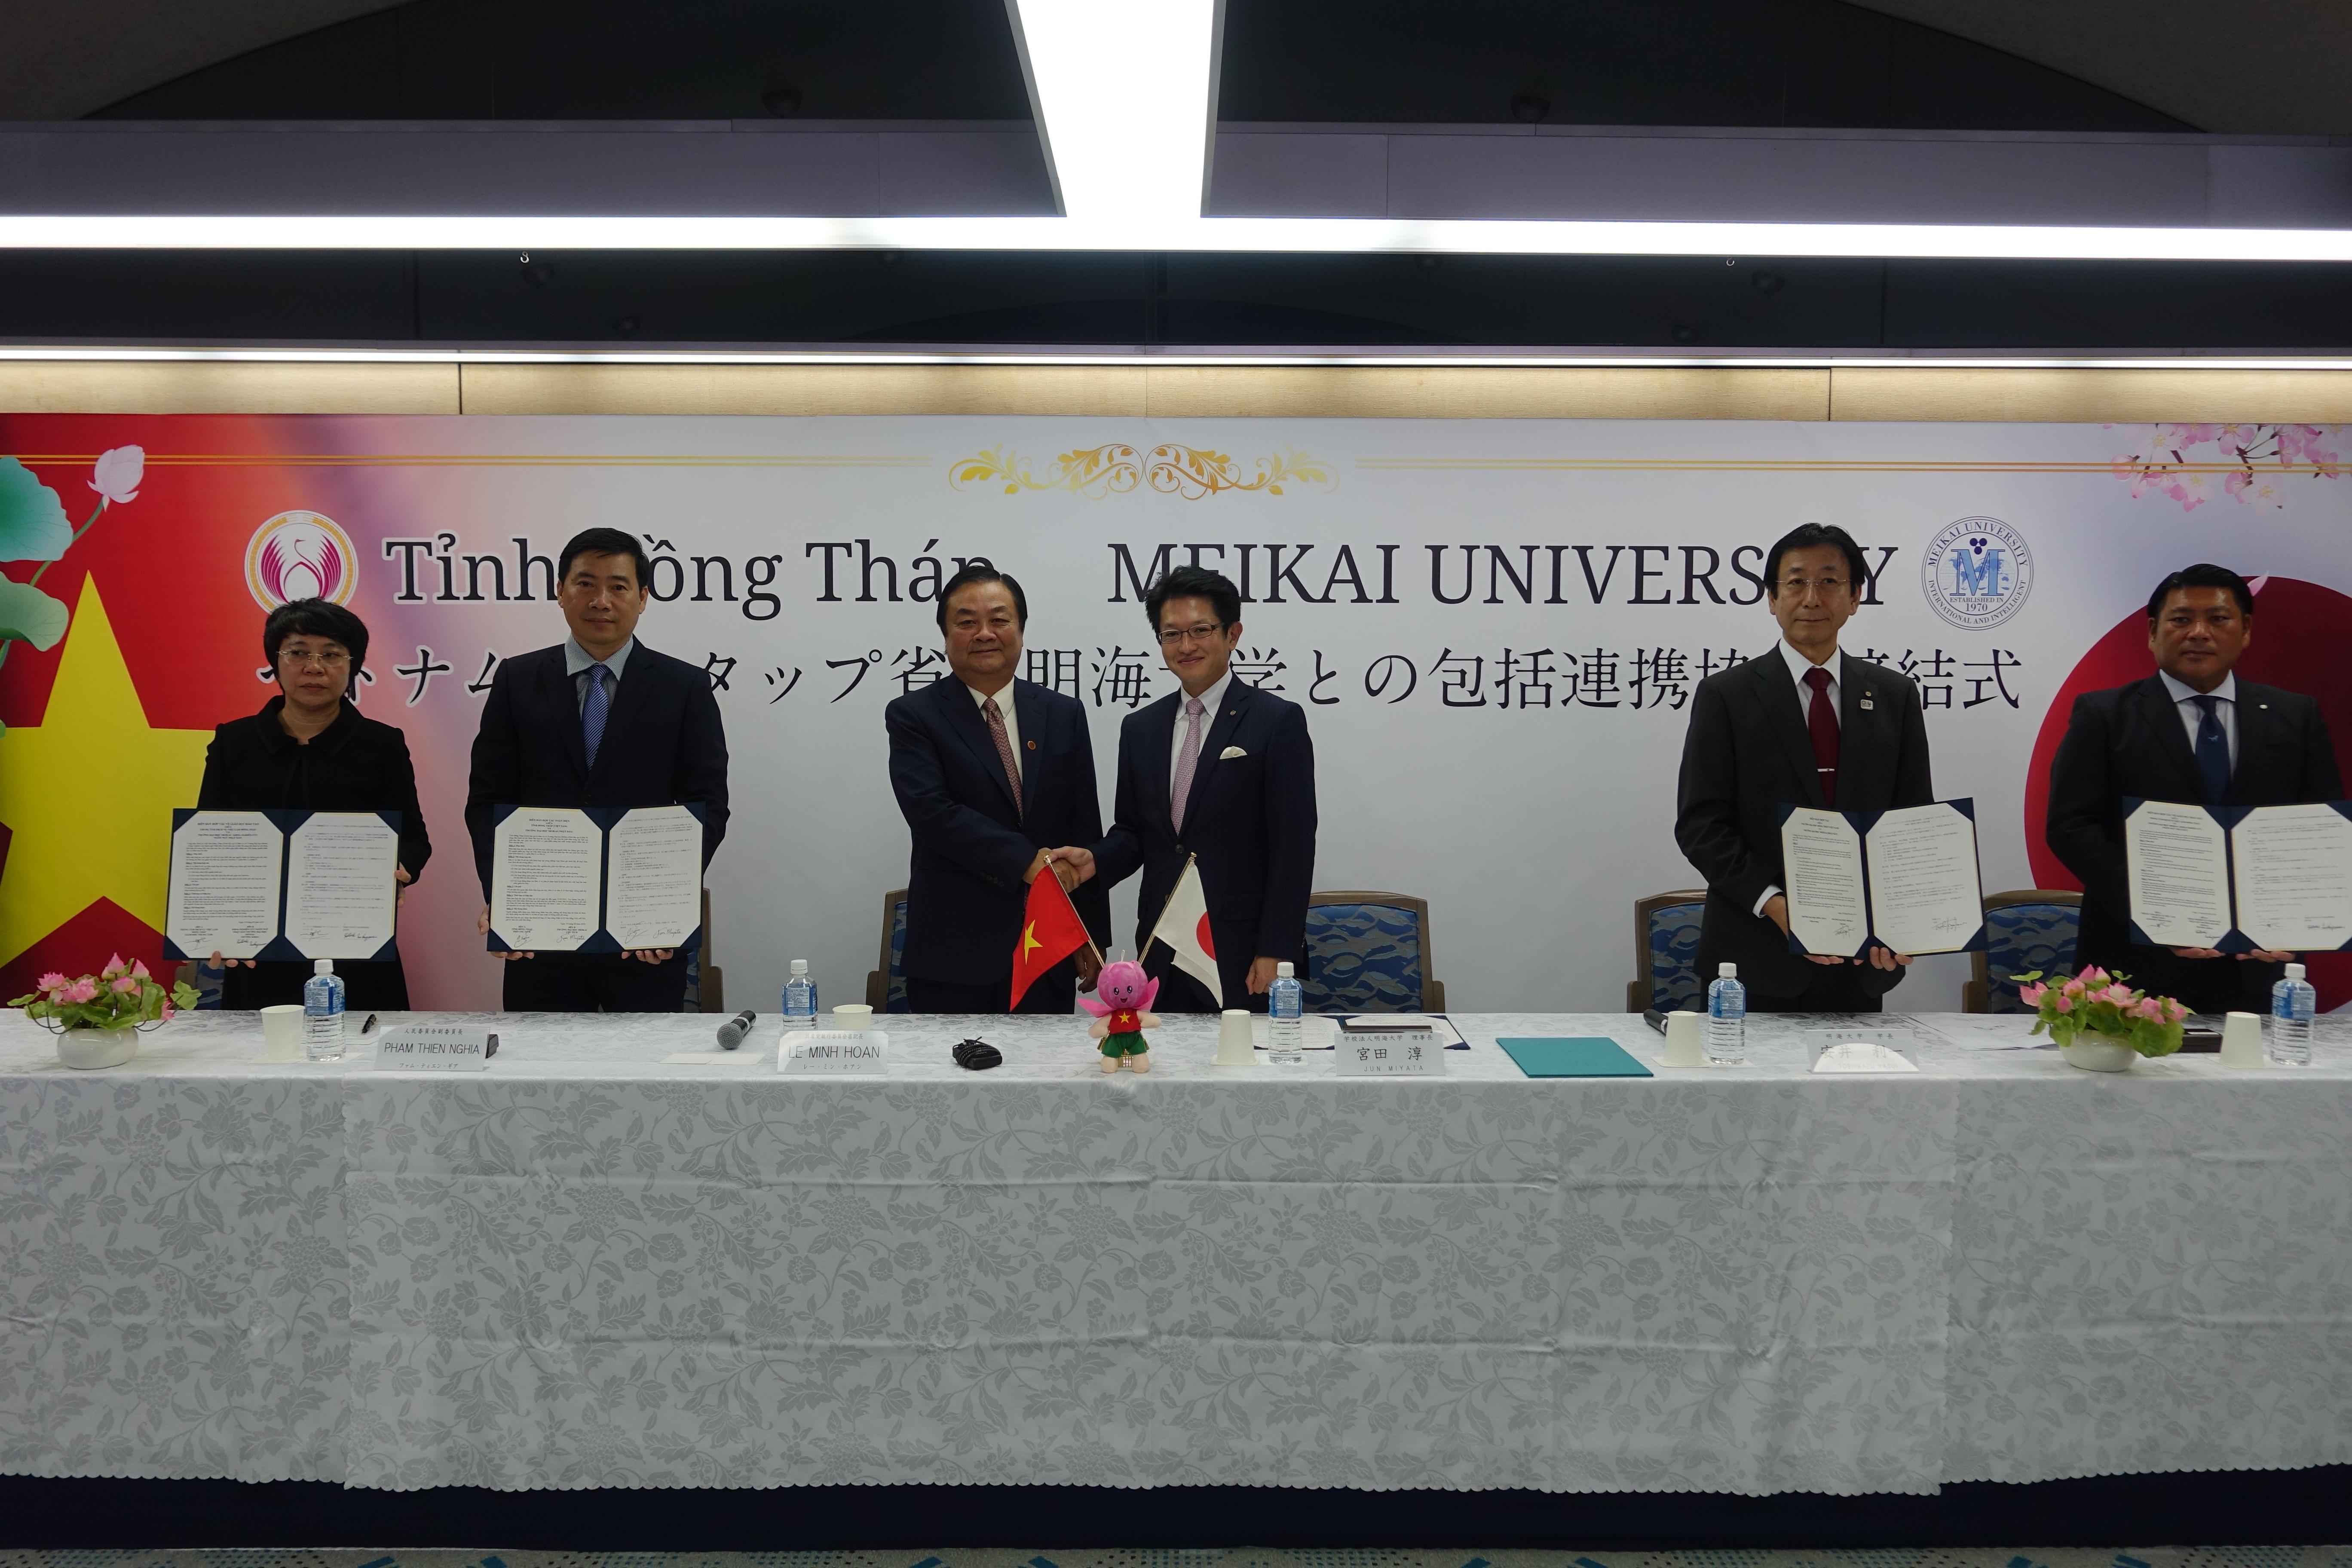 学校法人明海大学が「ベトナム社会主義共和国ドンタップ省との包括連携に関する協定」等を締結